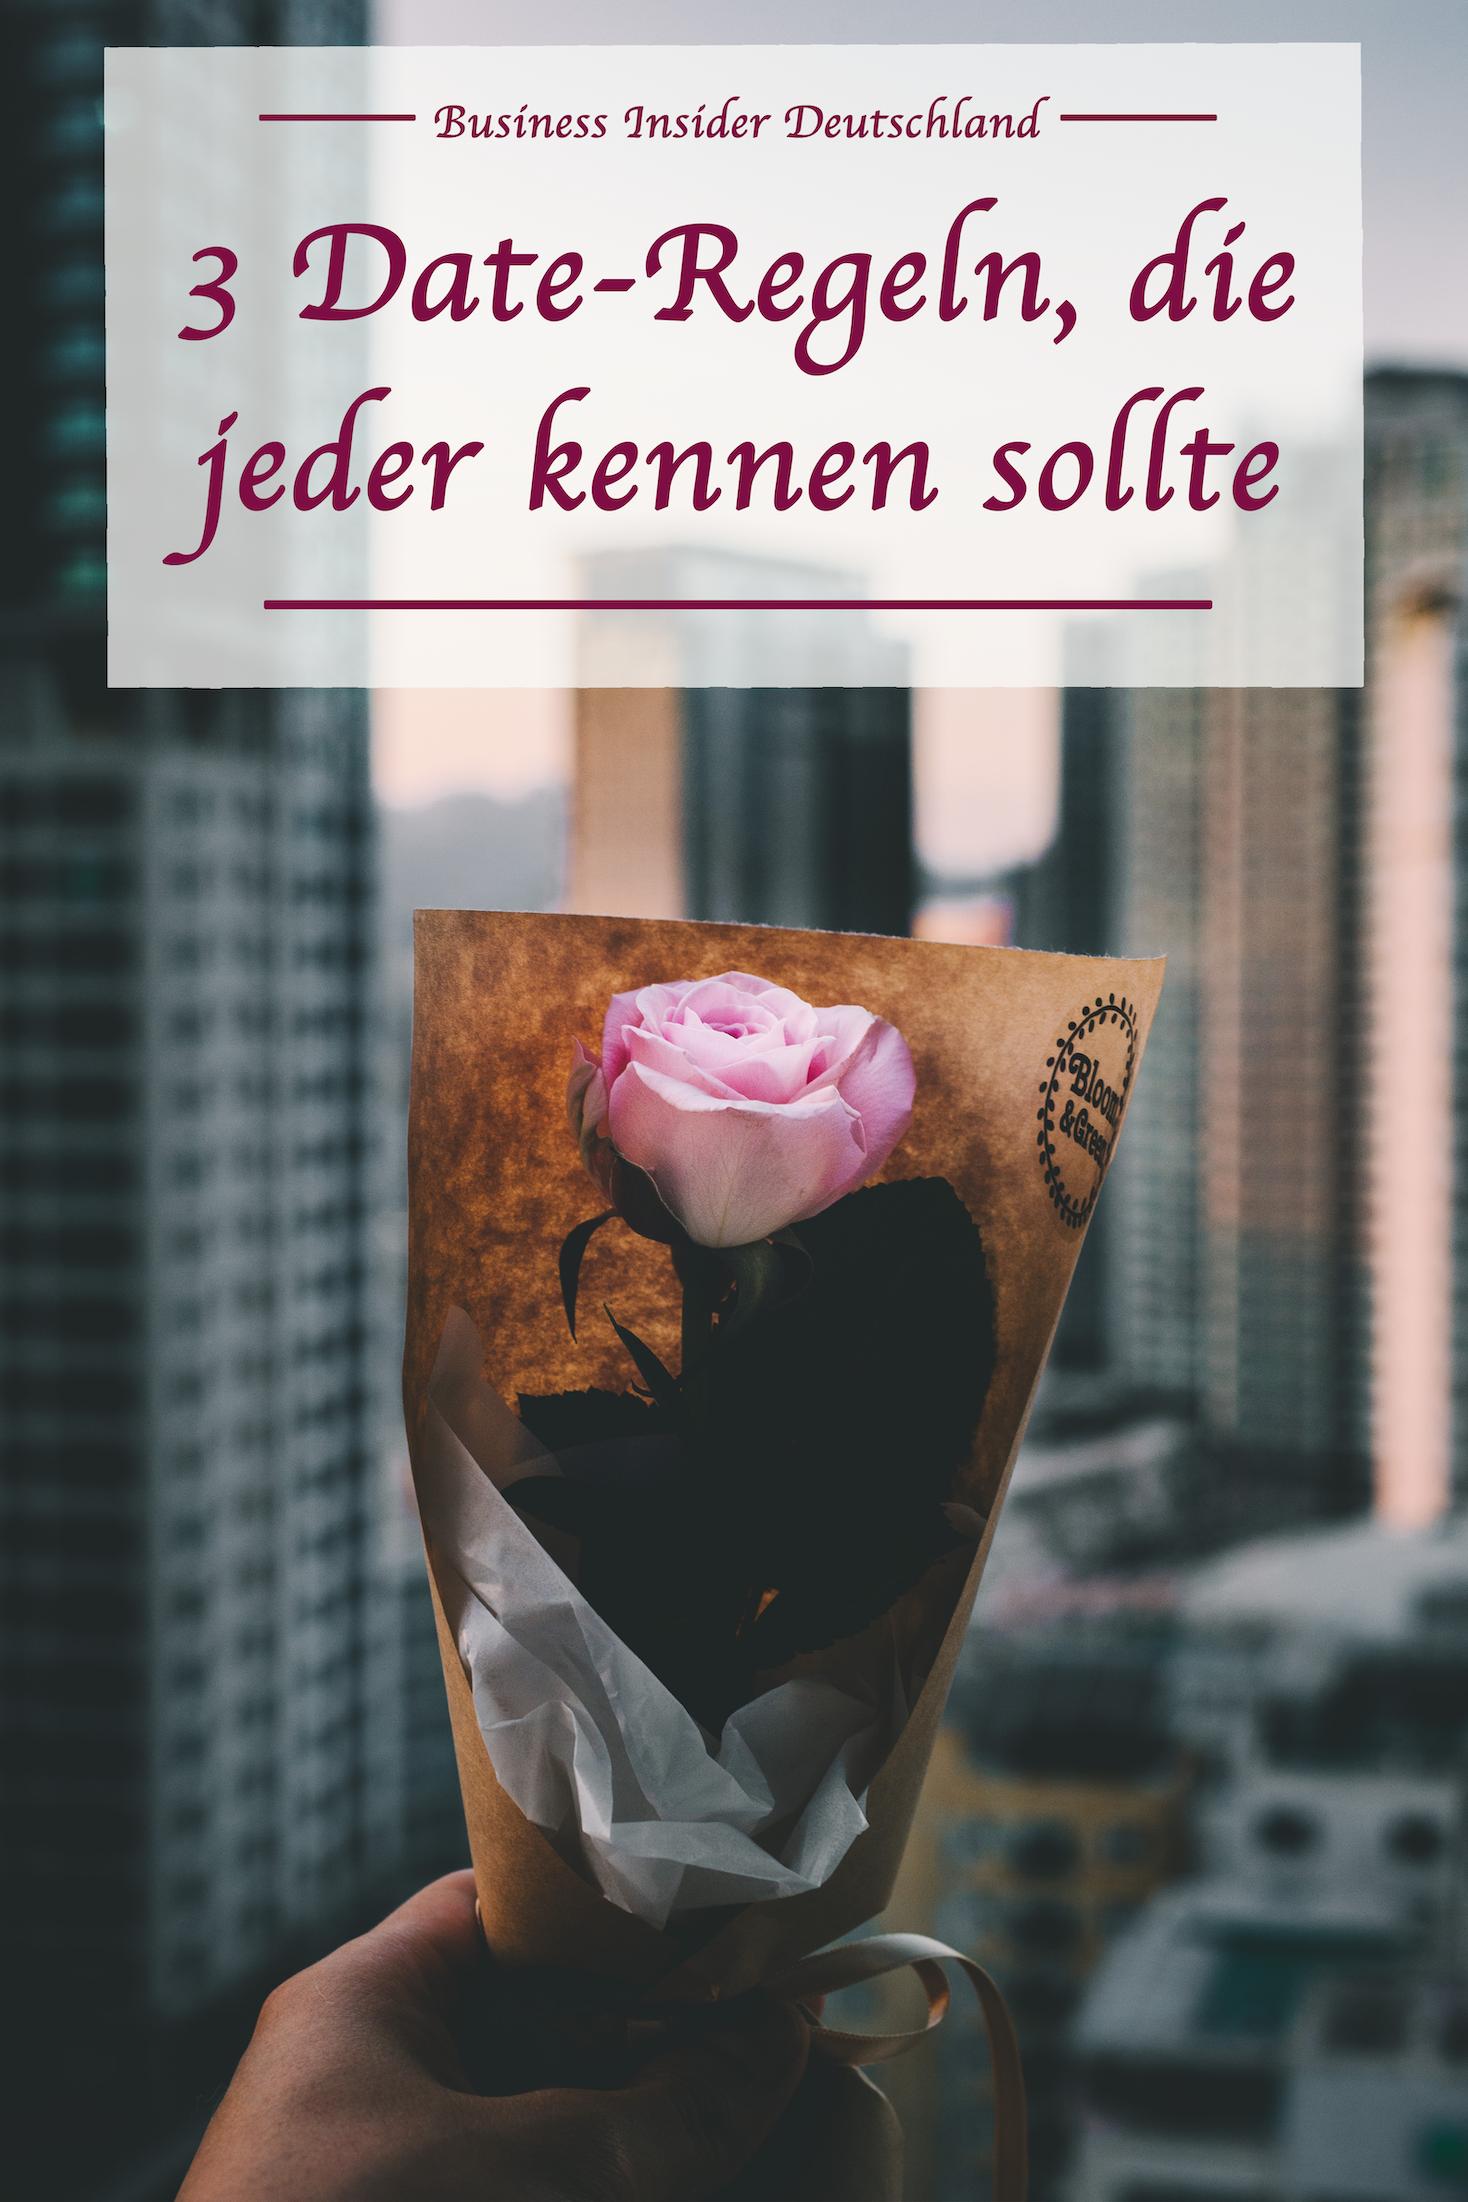 Dating regeln in deutschland